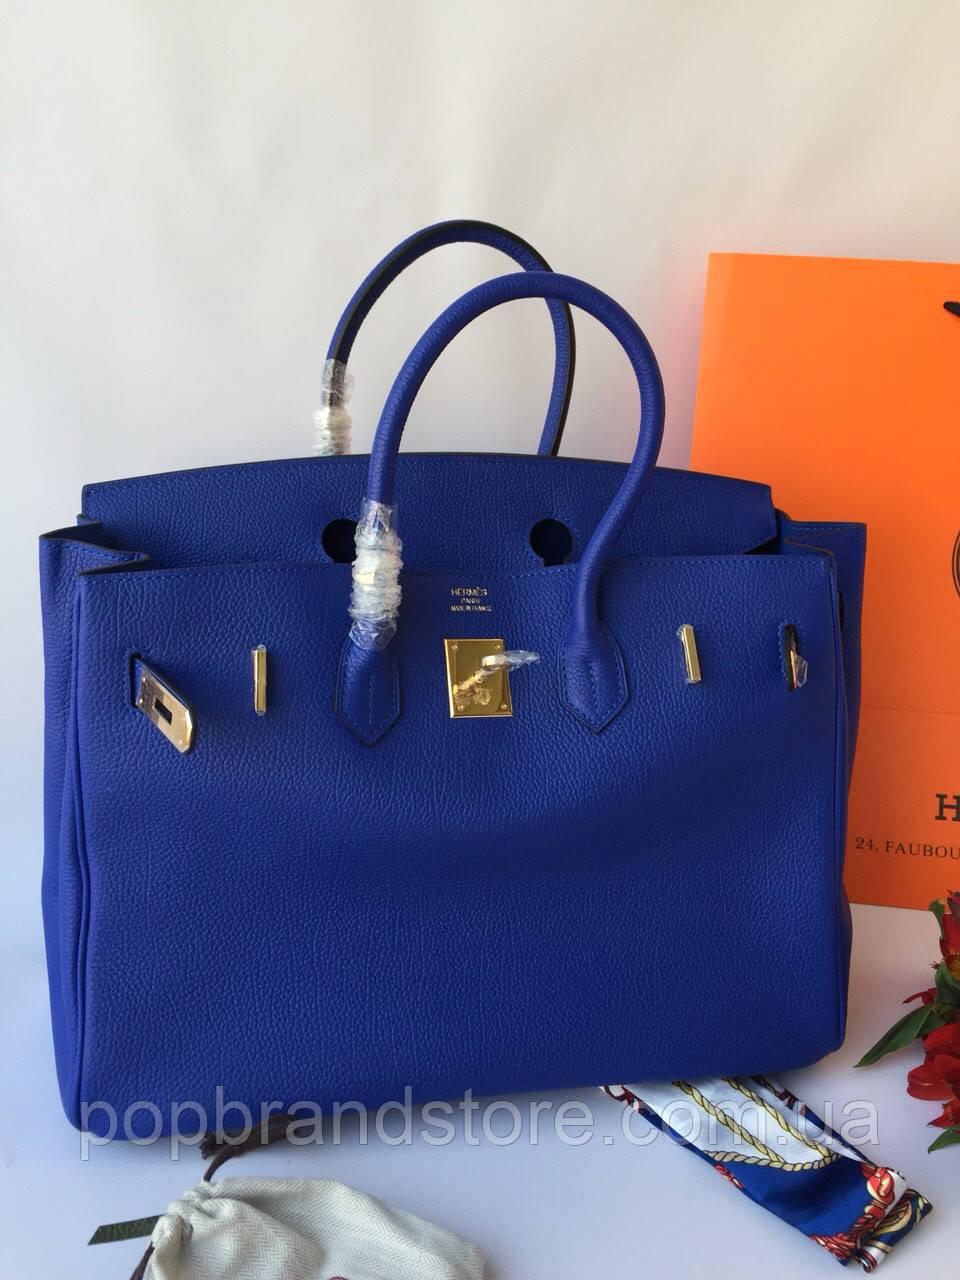 eee49cfaa338 Женская сумка Гермес Биркин 35 см синяя (реплика): продажа, цена в ...